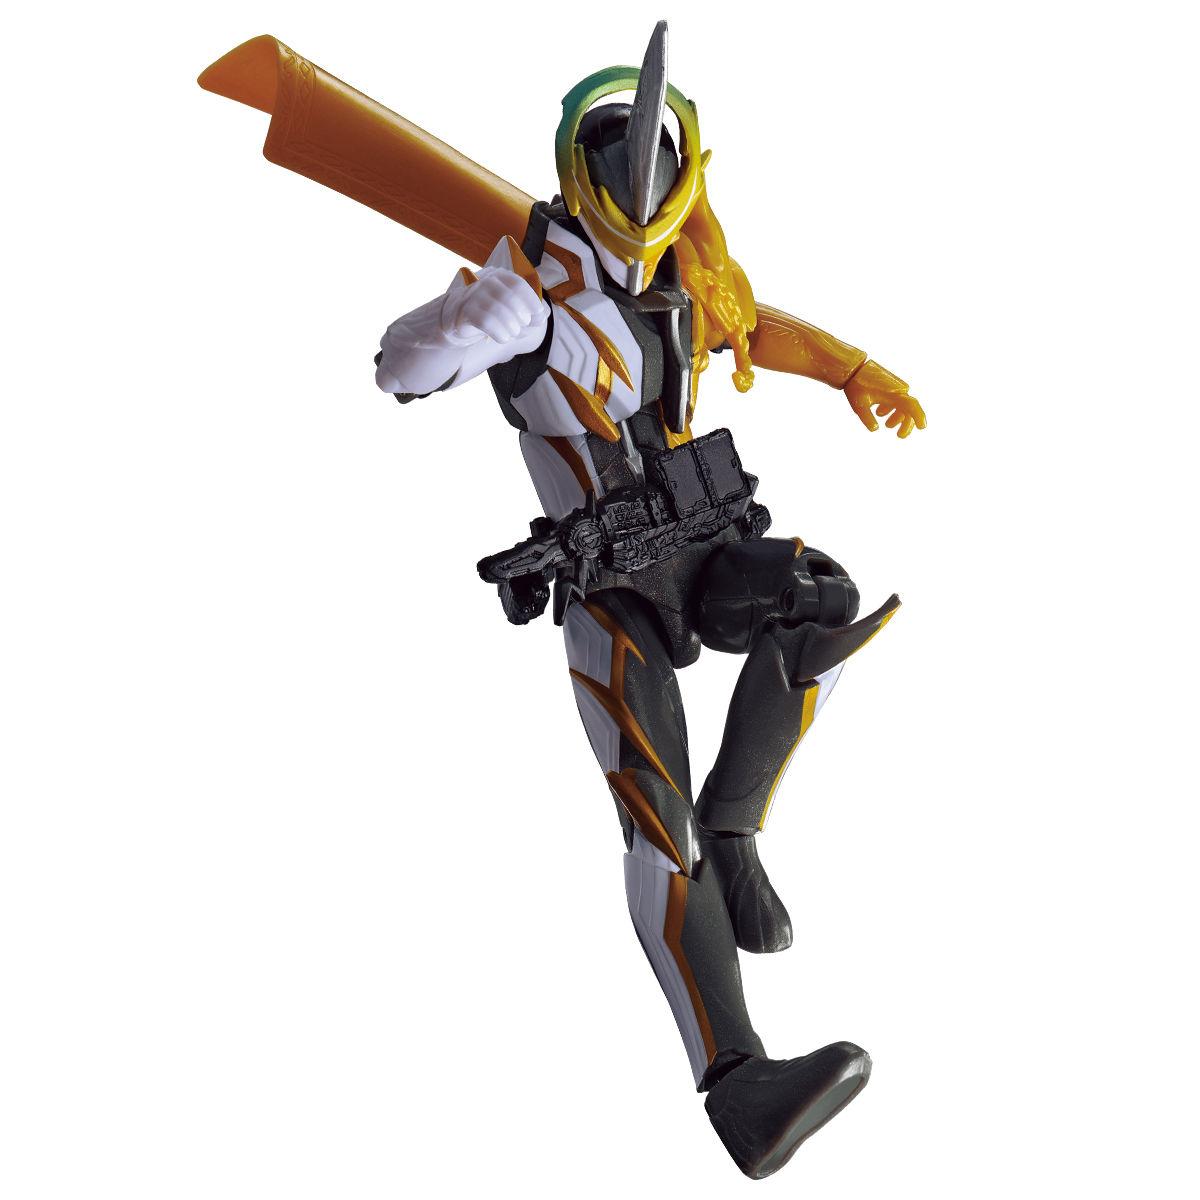 RKF『仮面ライダーエスパーダ ランプドアランジーナ』仮面ライダーセイバー 可動フィギュア-002